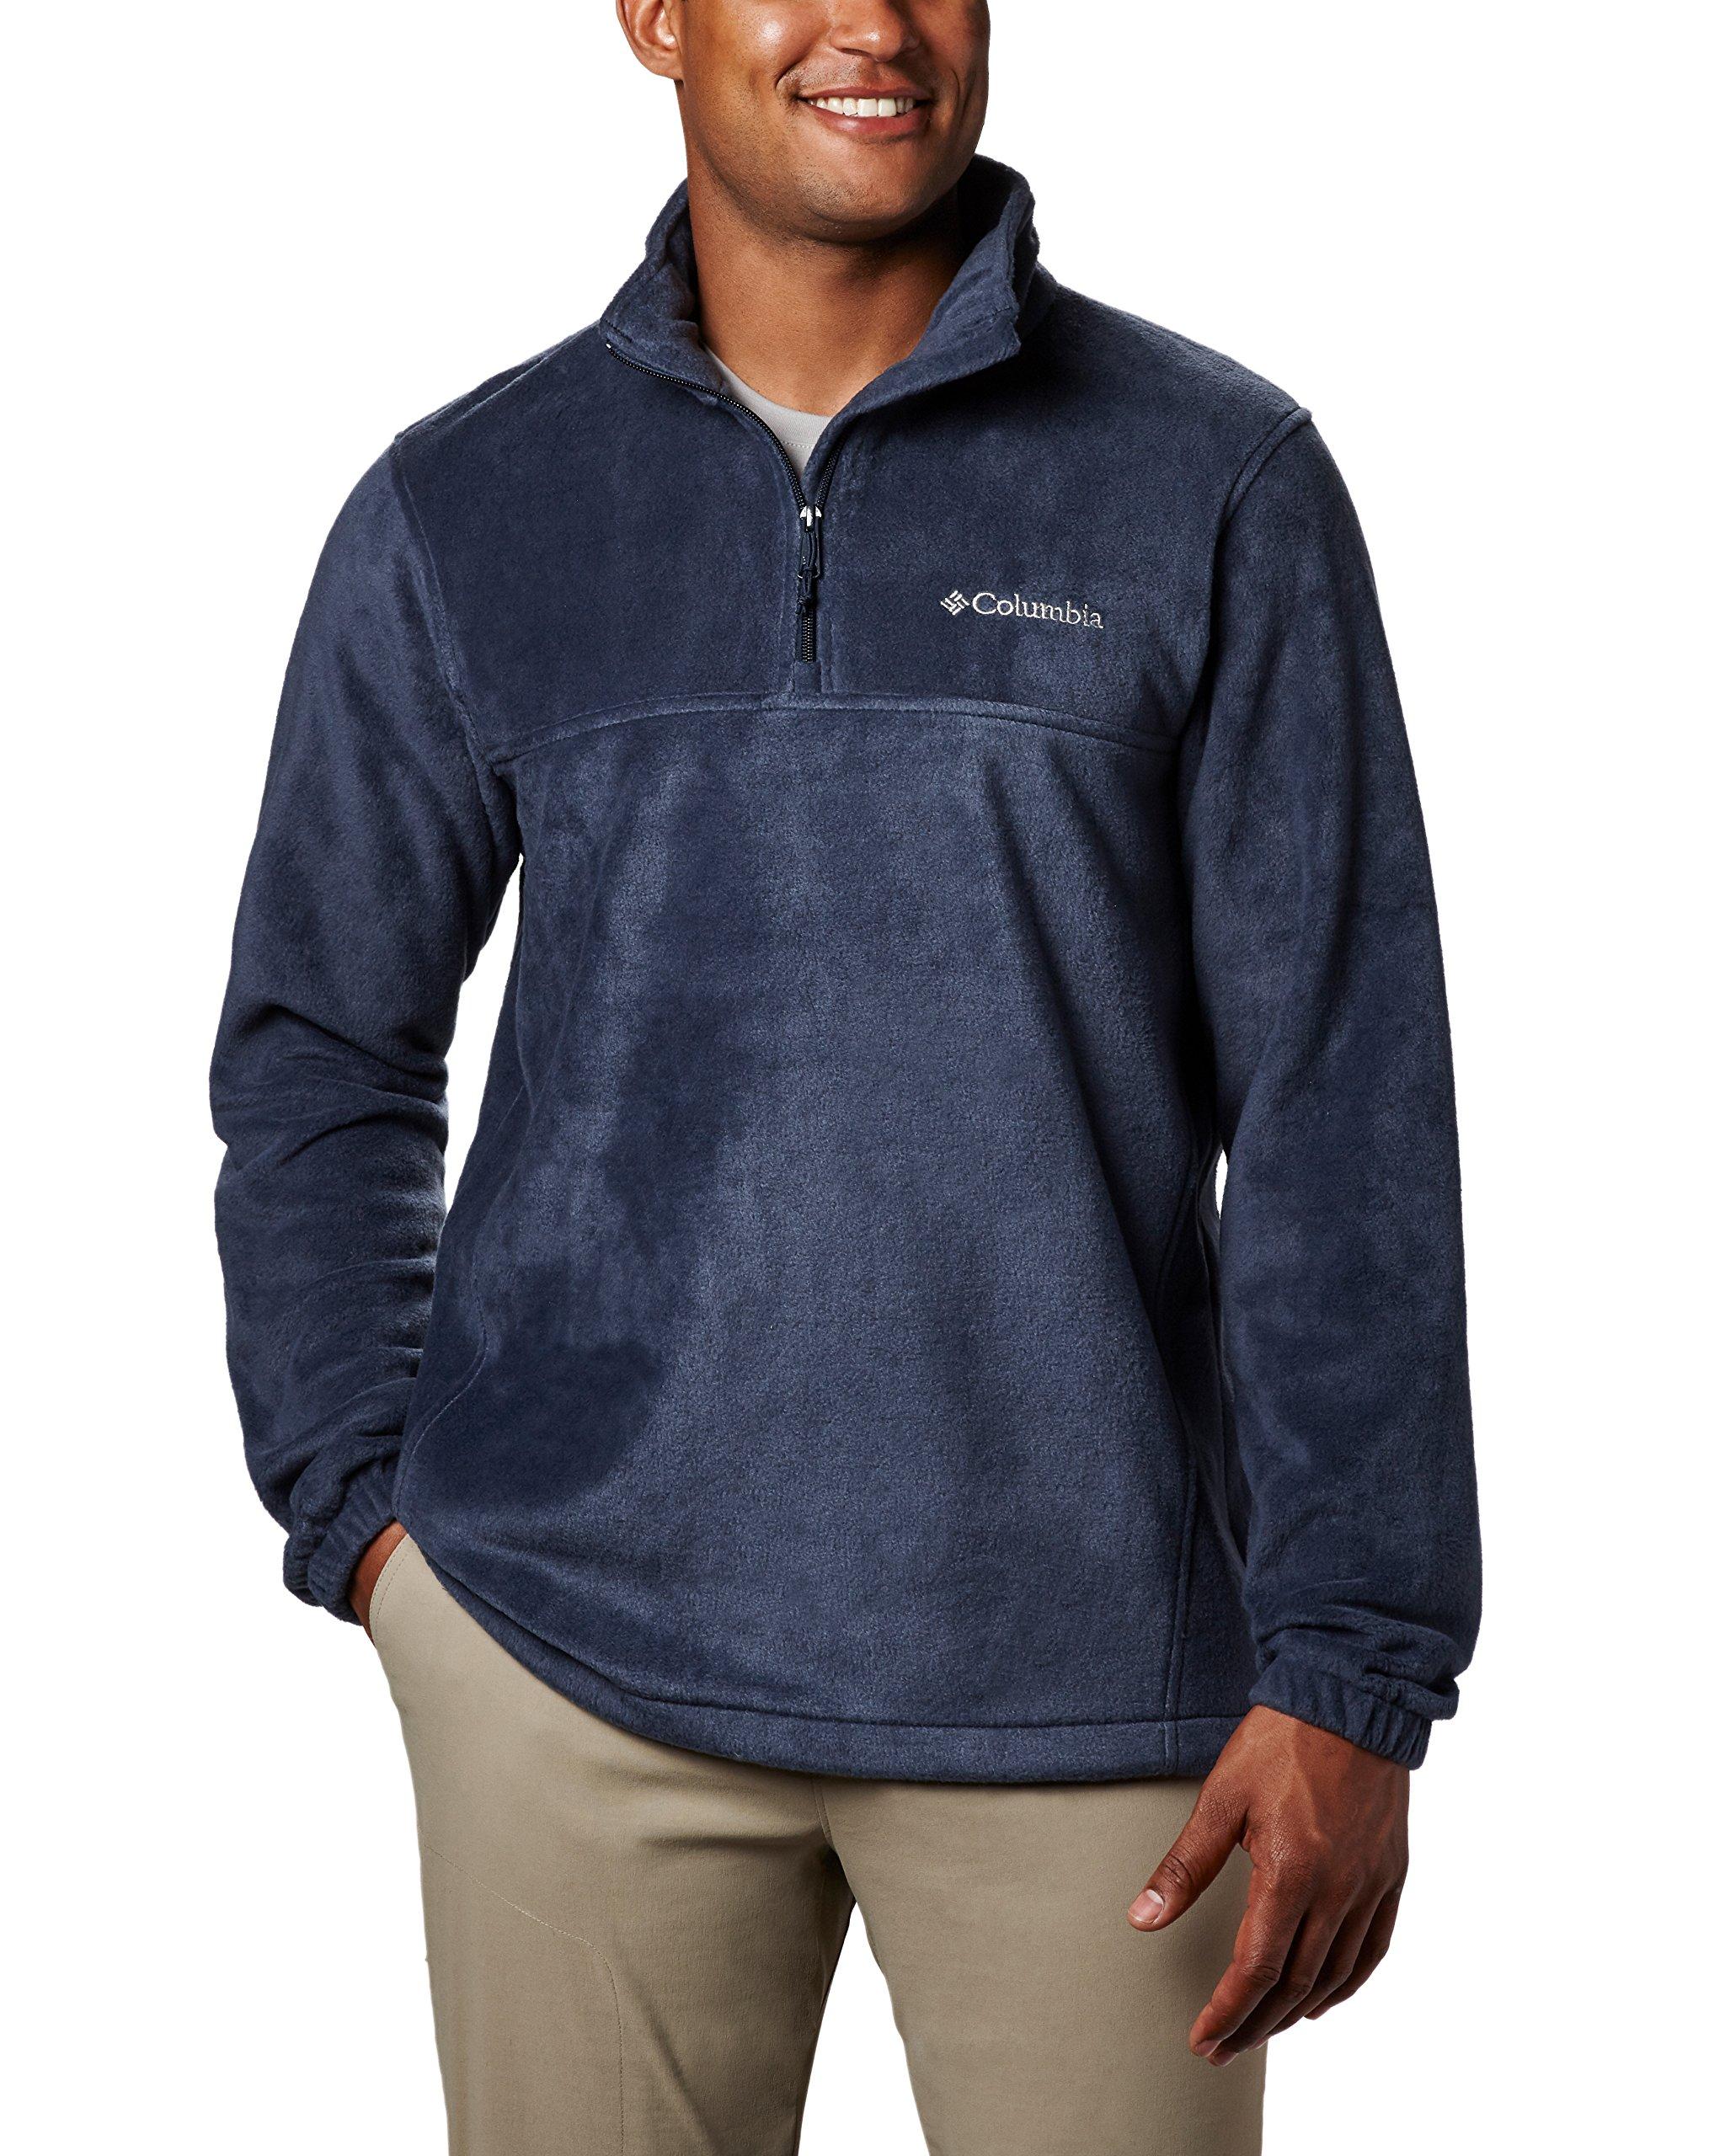 Columbia Men's Steens Mountain Half Zip Soft Fleece Jacket, Collegiate Navy, Medium by Columbia